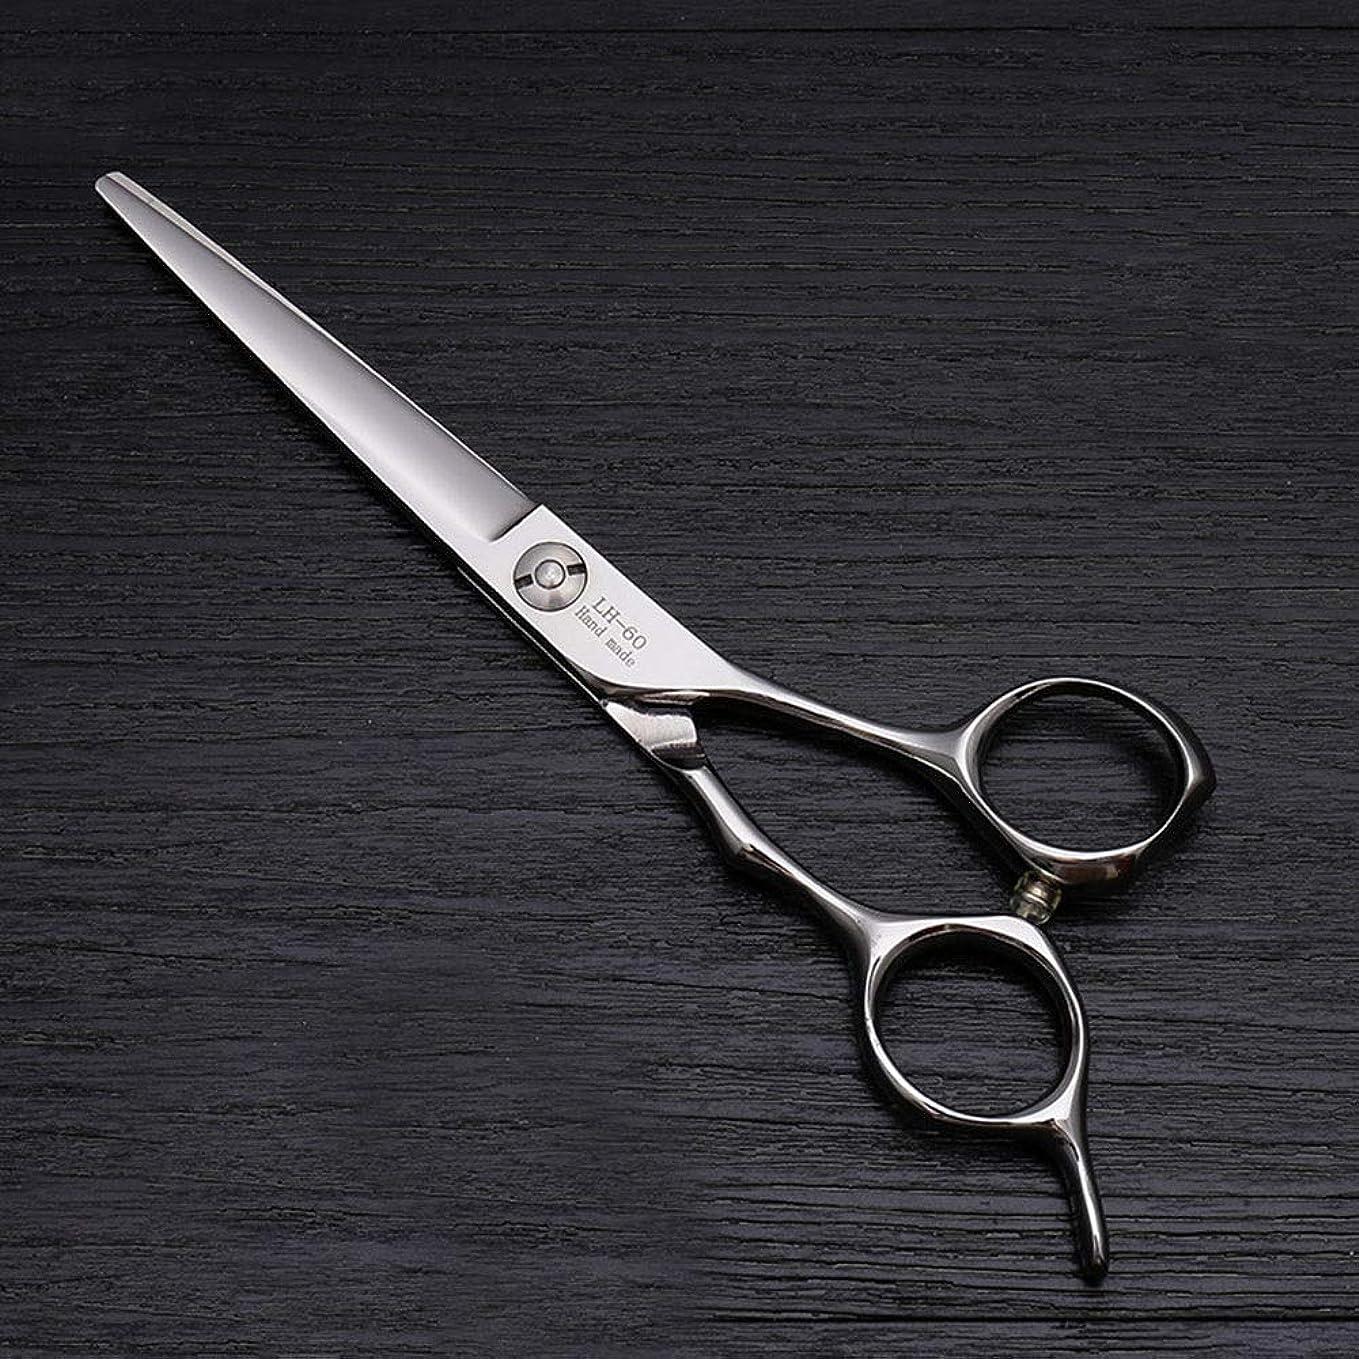 レタス水平フォーム6インチヘアカットフラットせん断、440高品質スチールハイエンドヘアスタイリスト特別理髪はさみ モデリングツール (色 : Silver)